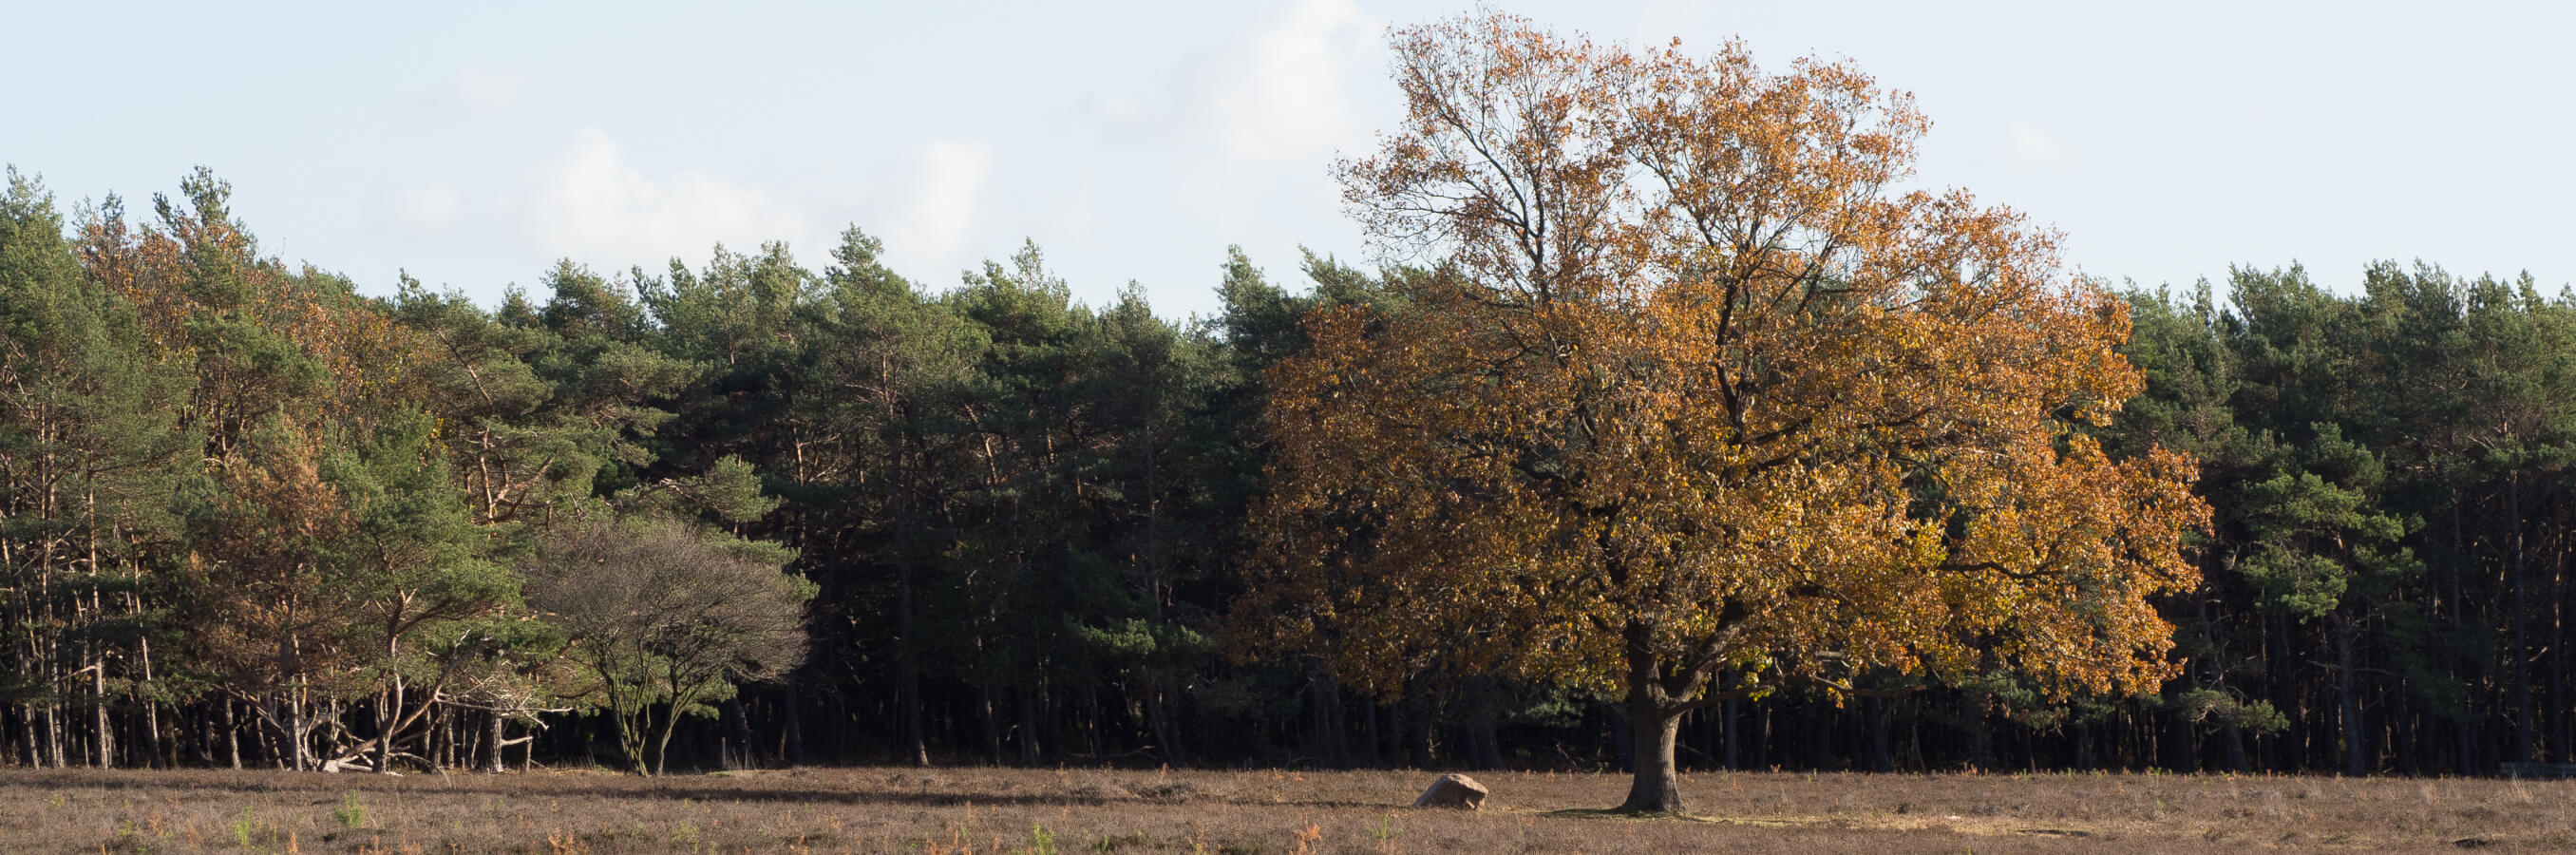 Bussum heide herfst nabij locatie compasssietraining